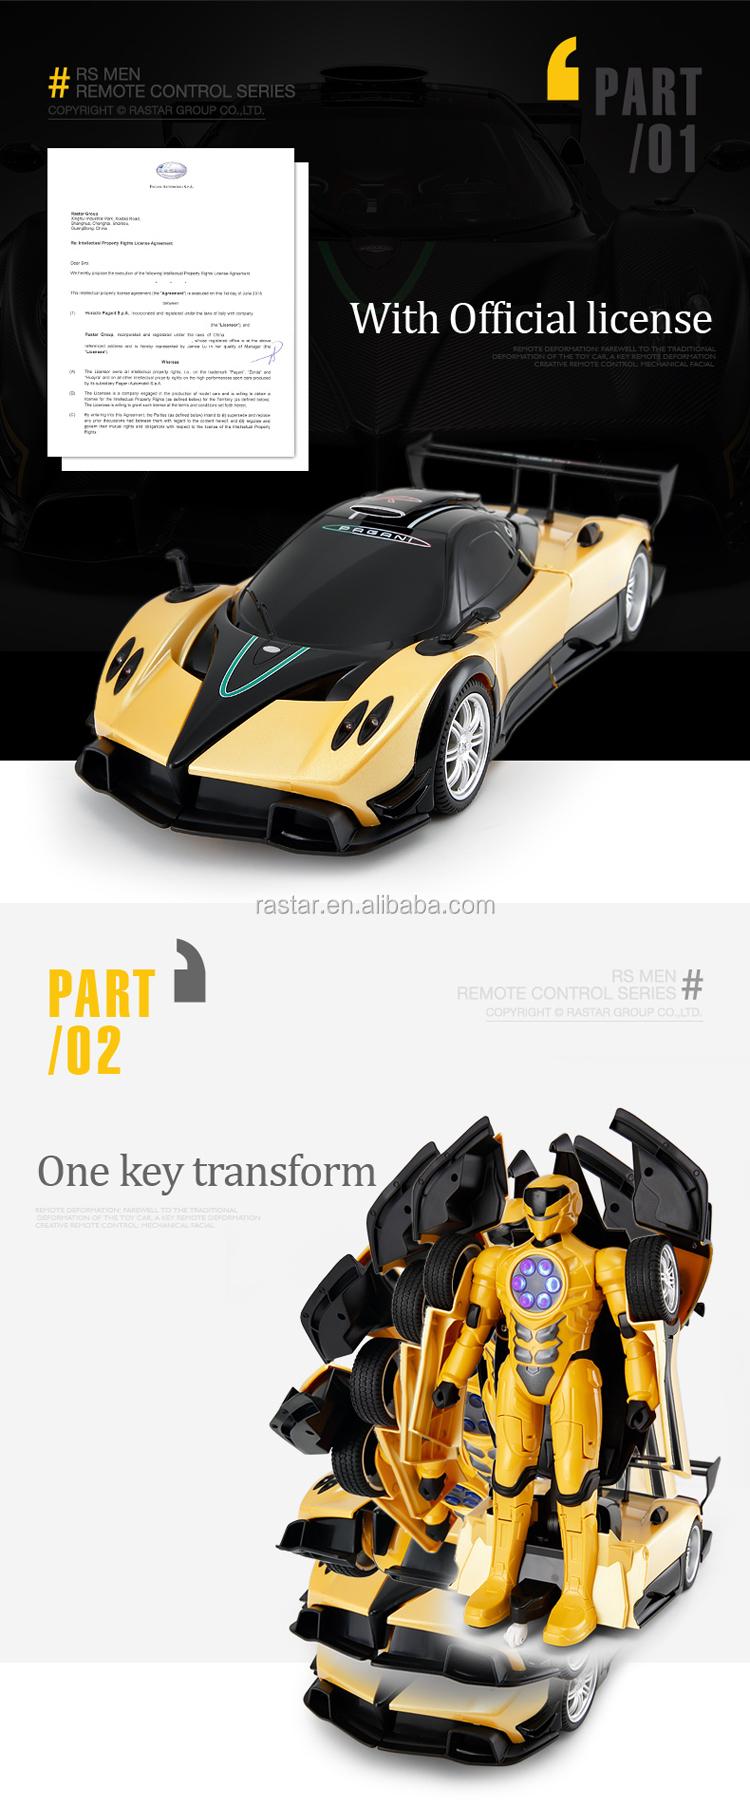 Pour Transformer Jouet Enfants Enfants voiture Jouets Voiture voiture Robot Robot Rc Rastar Pagani Buy N8XZOP0wkn